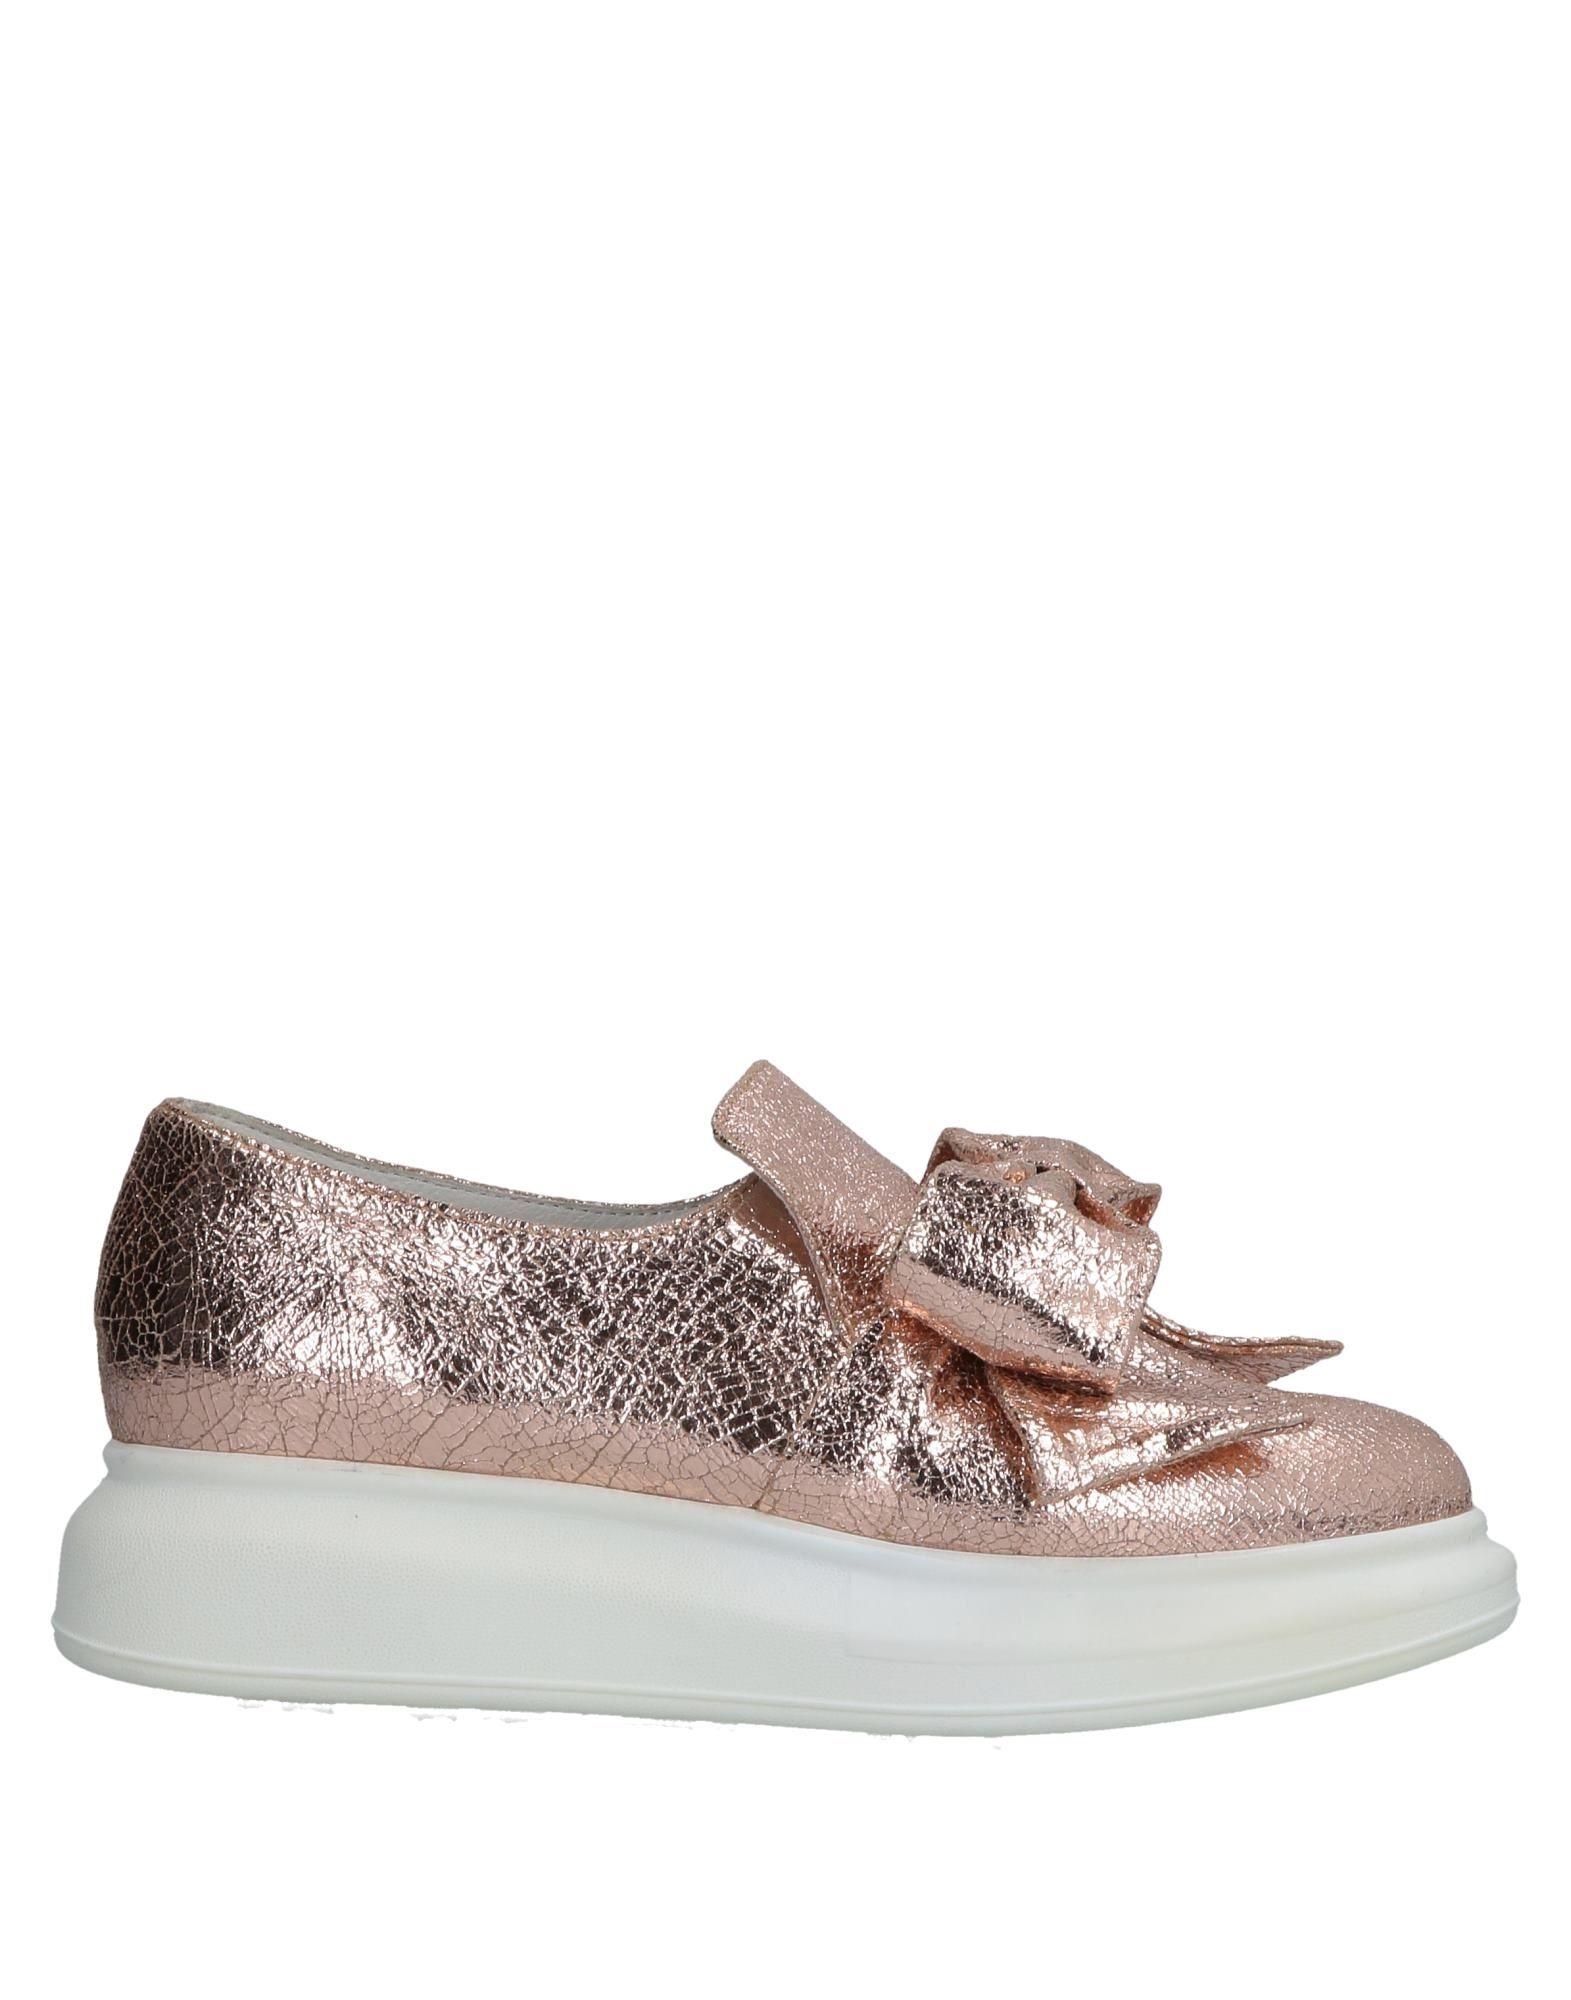 Jeffrey Campbell Sneakers - Women Jeffrey Campbell Sneakers Kingdom online on  United Kingdom Sneakers - 11578364SM e91a05